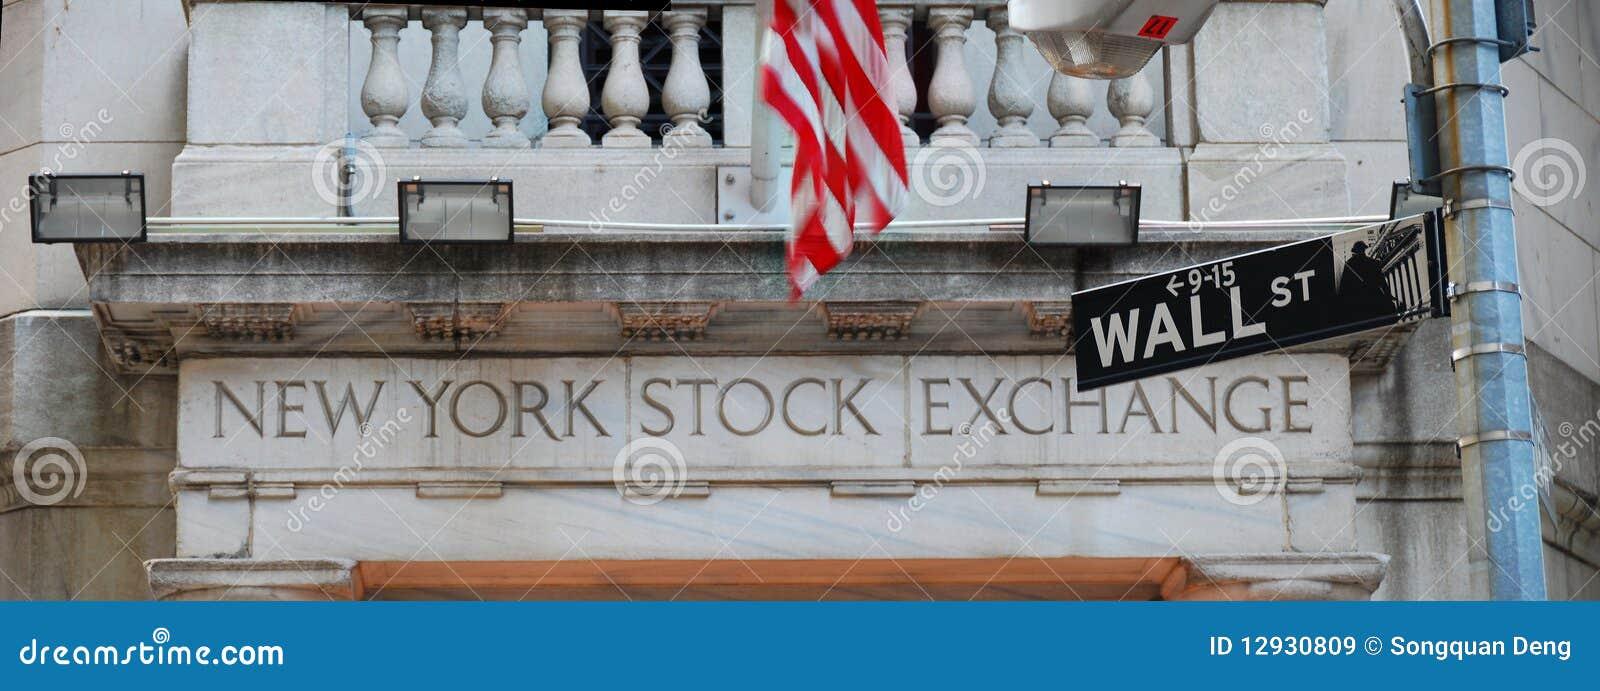 Wall Street et Bourse de New York